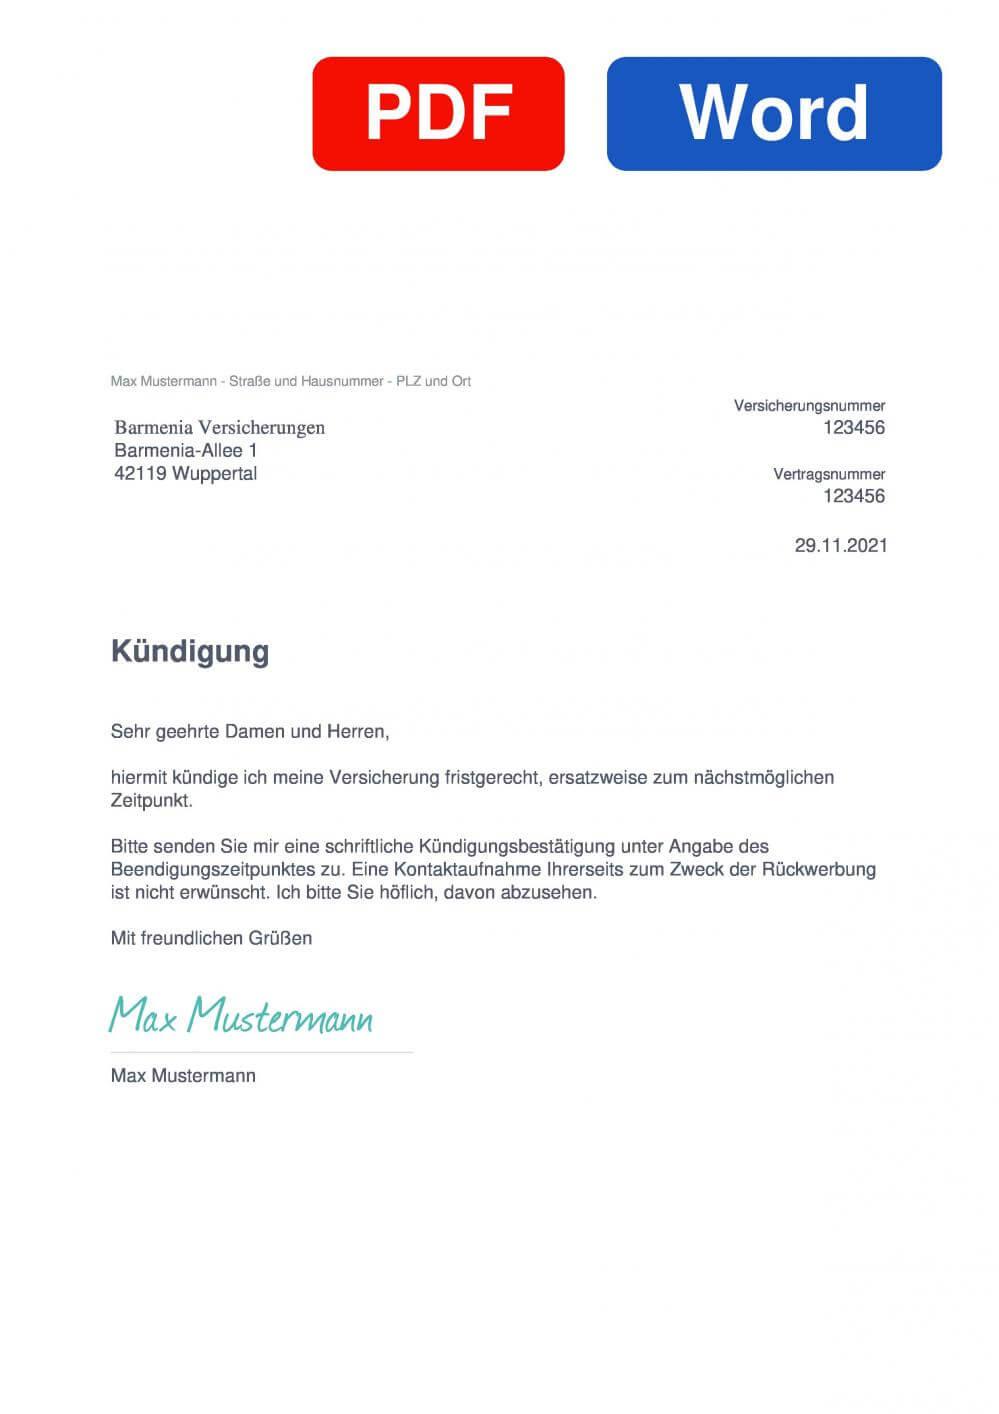 Barmenia Reiseversicherung Muster Vorlage für Kündigungsschreiben